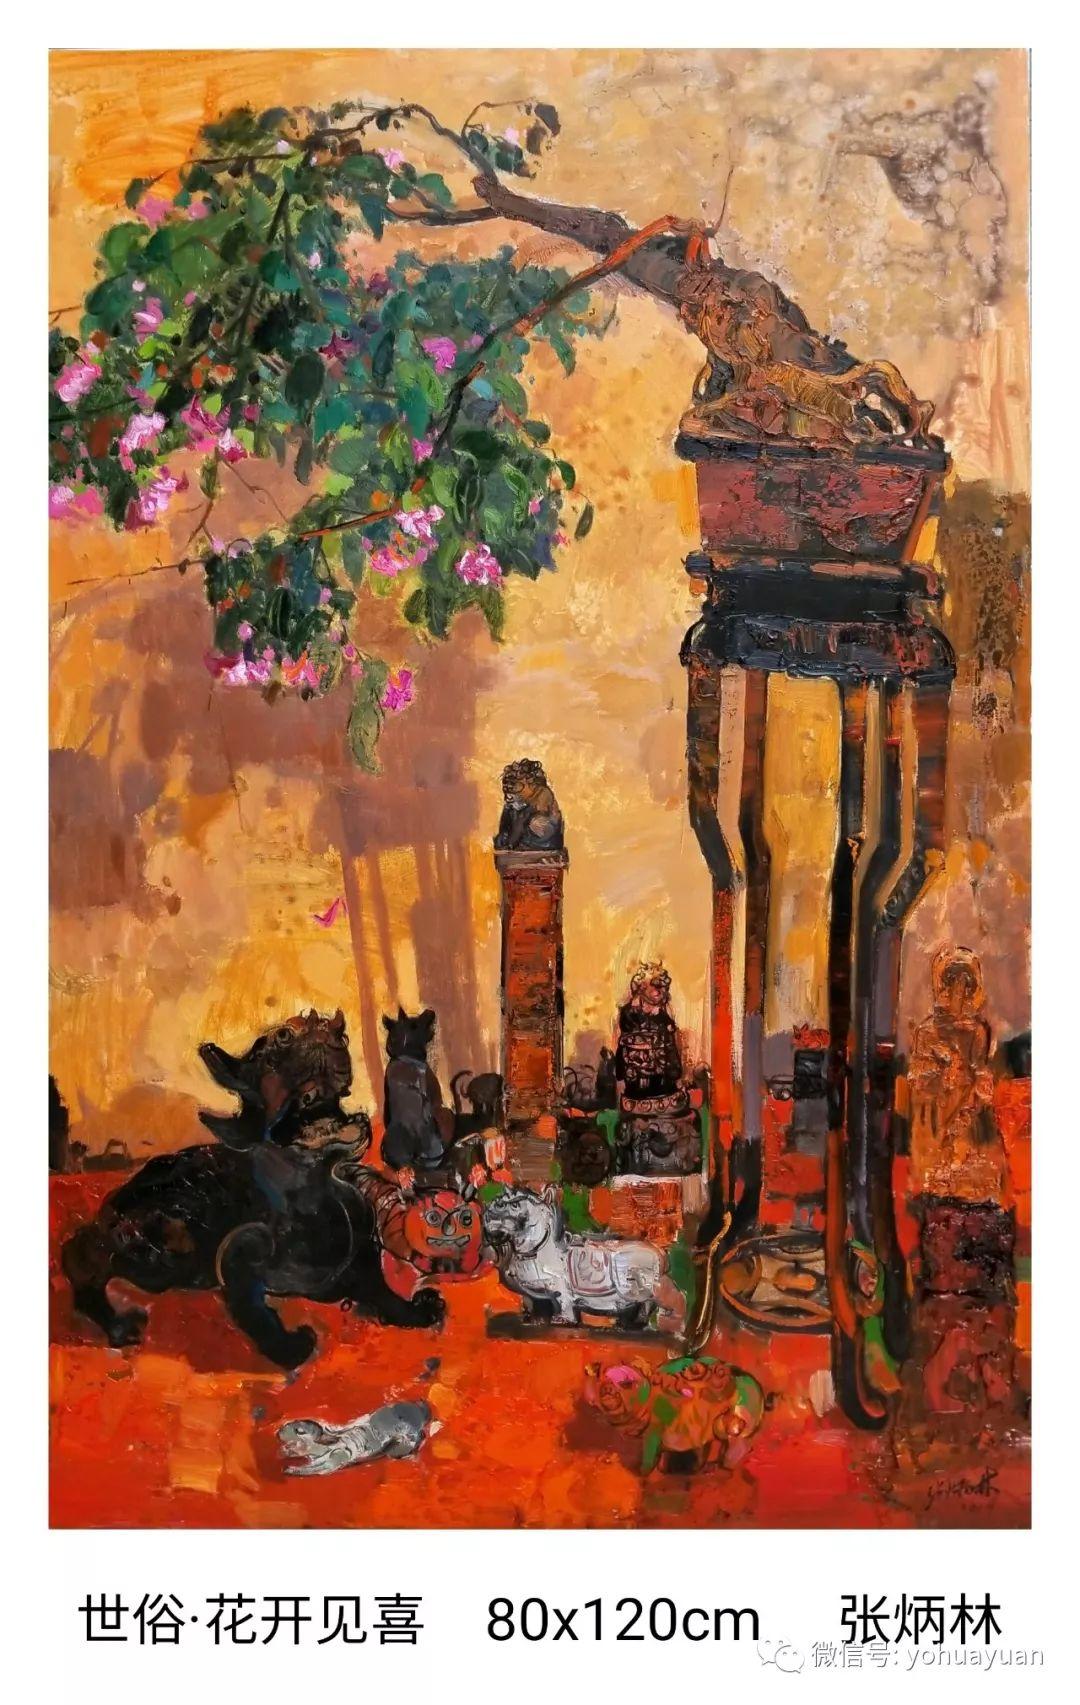 油画作品拍卖(内蒙古草原写生) 第77张 油画作品拍卖(内蒙古草原写生) 蒙古画廊